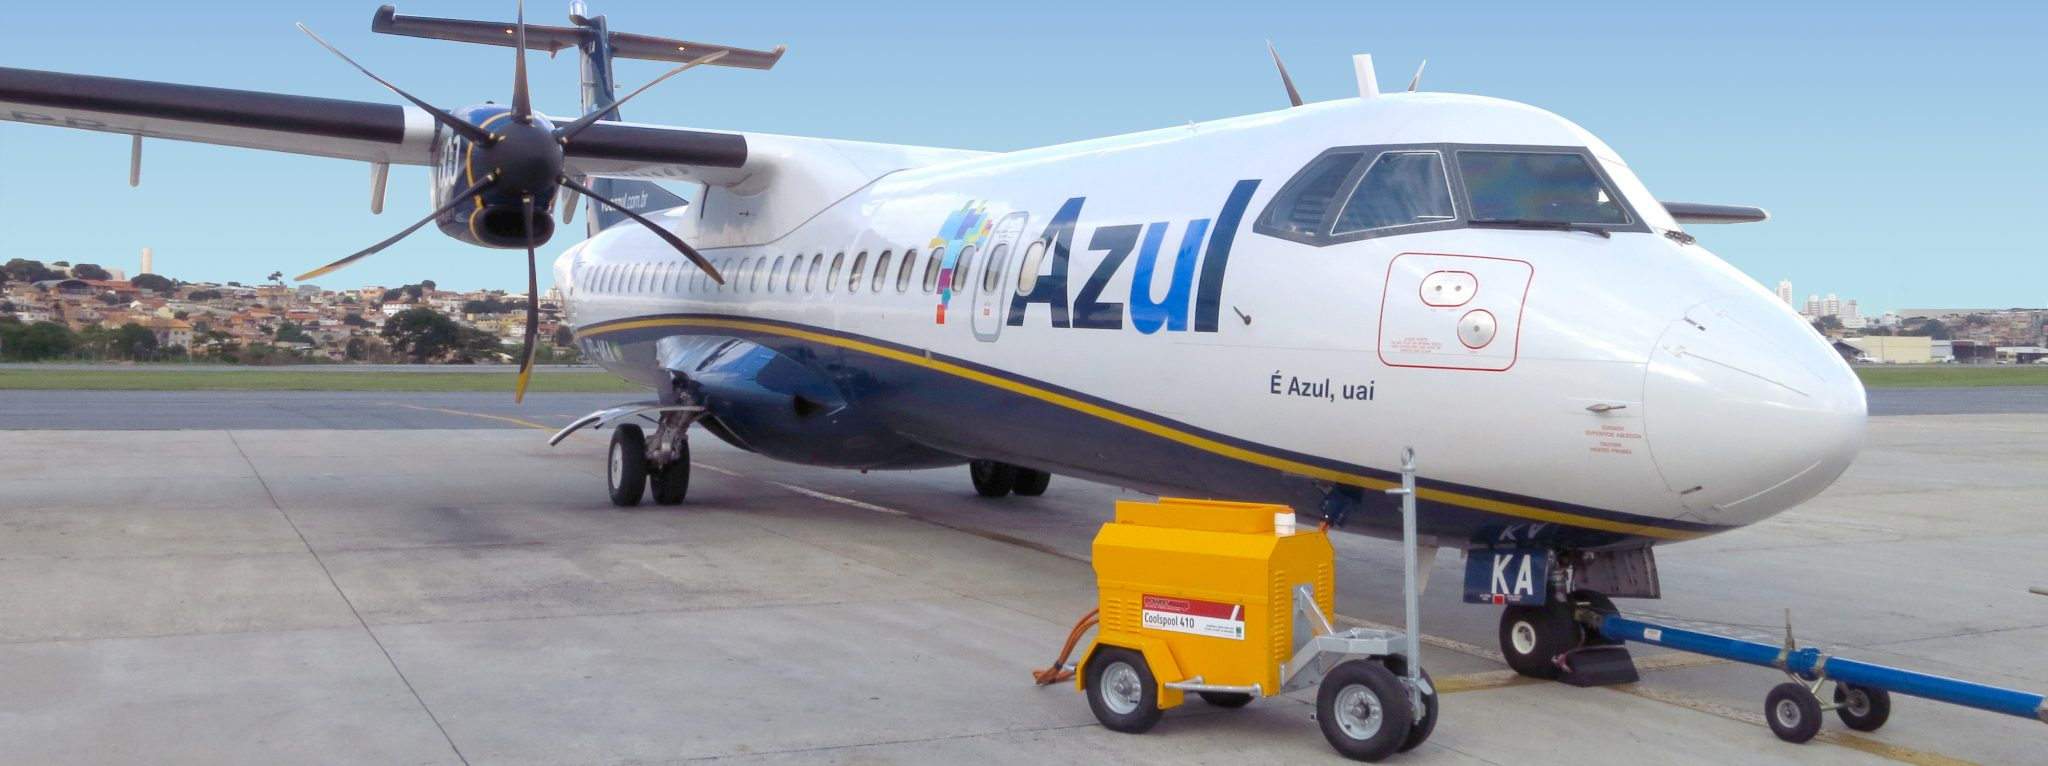 AZUL Aeroplane